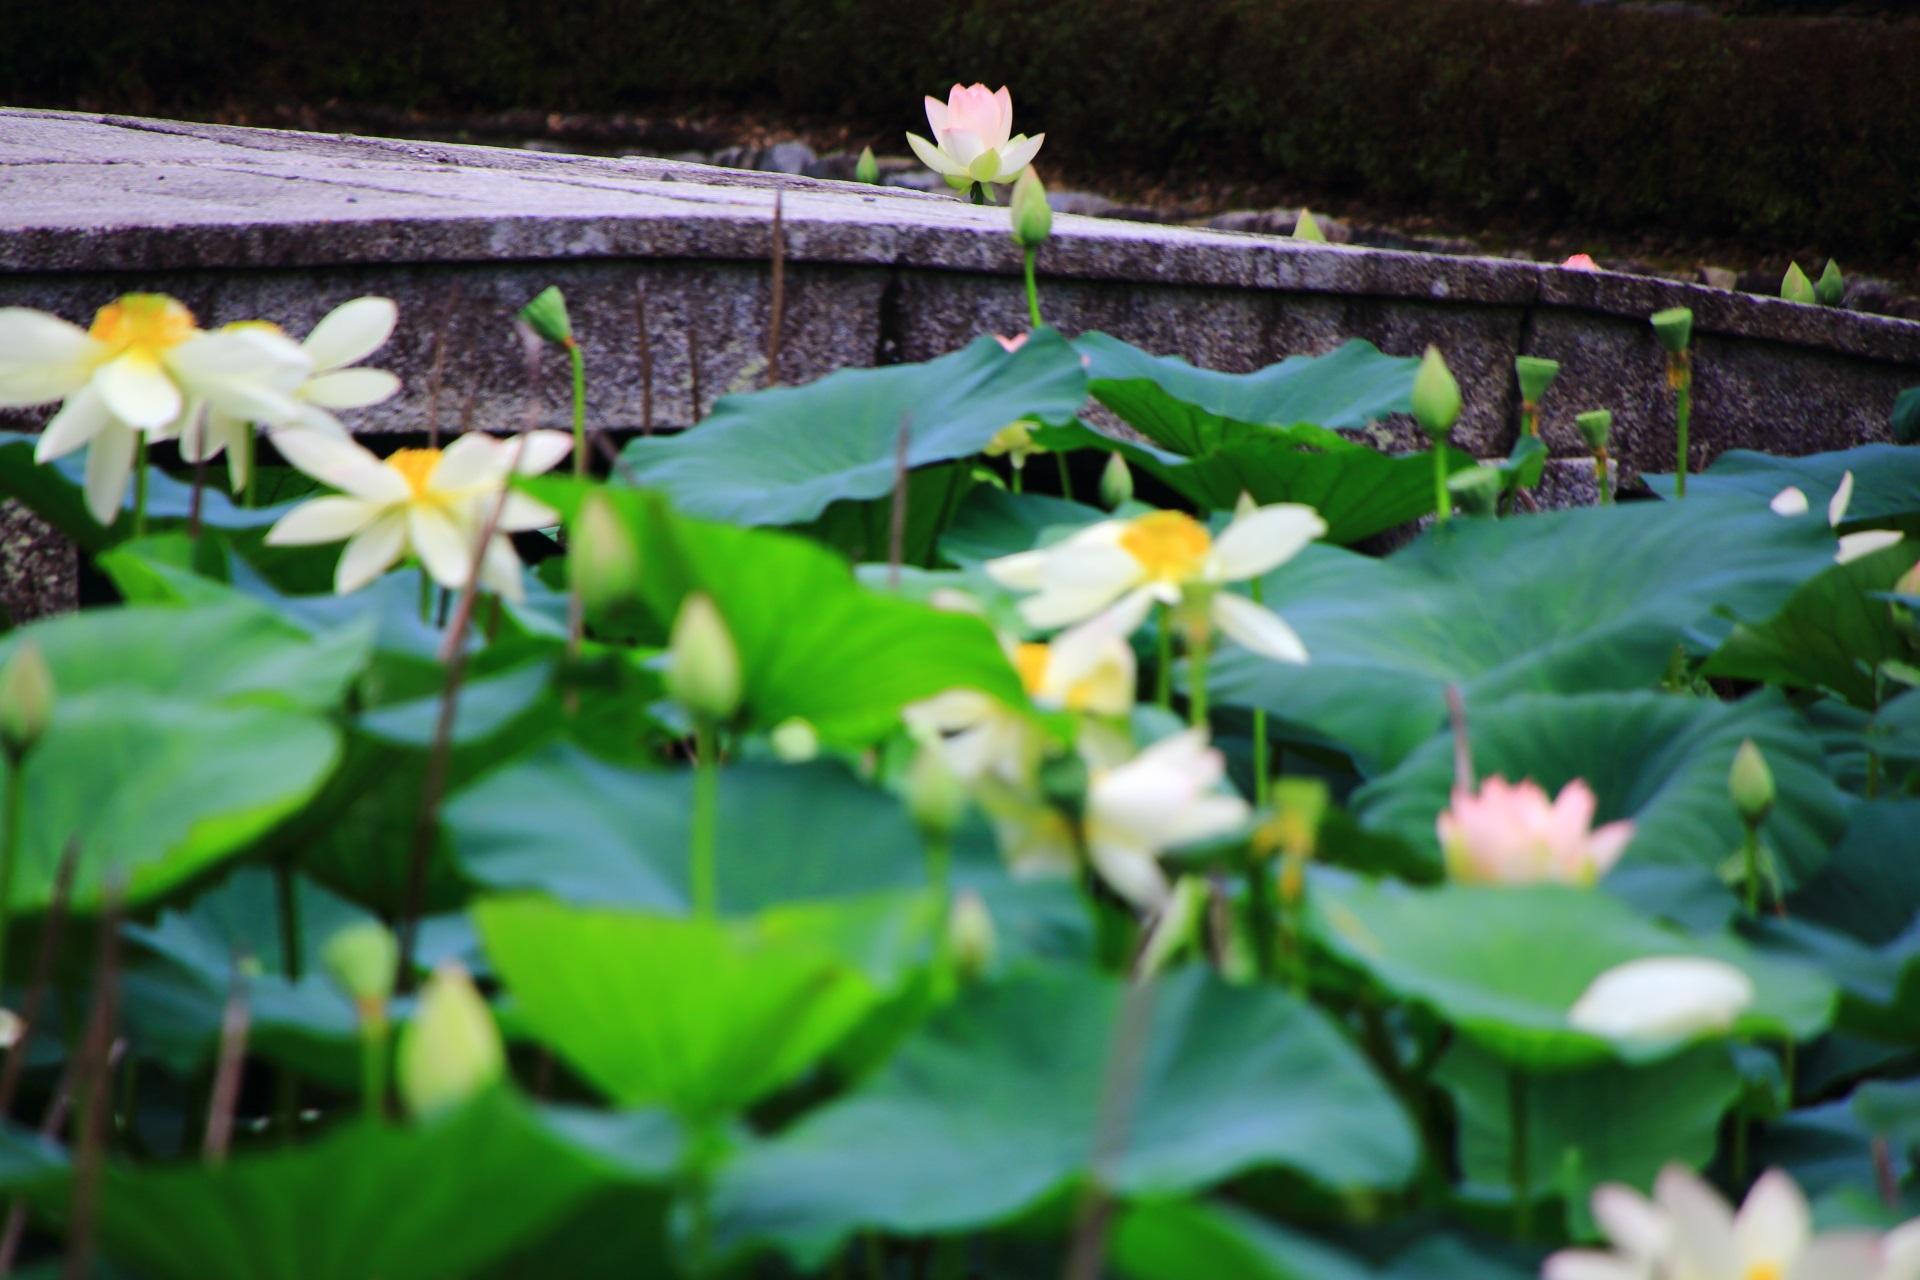 華やかさや美しさとともに風情もある東福寺の蓮の花